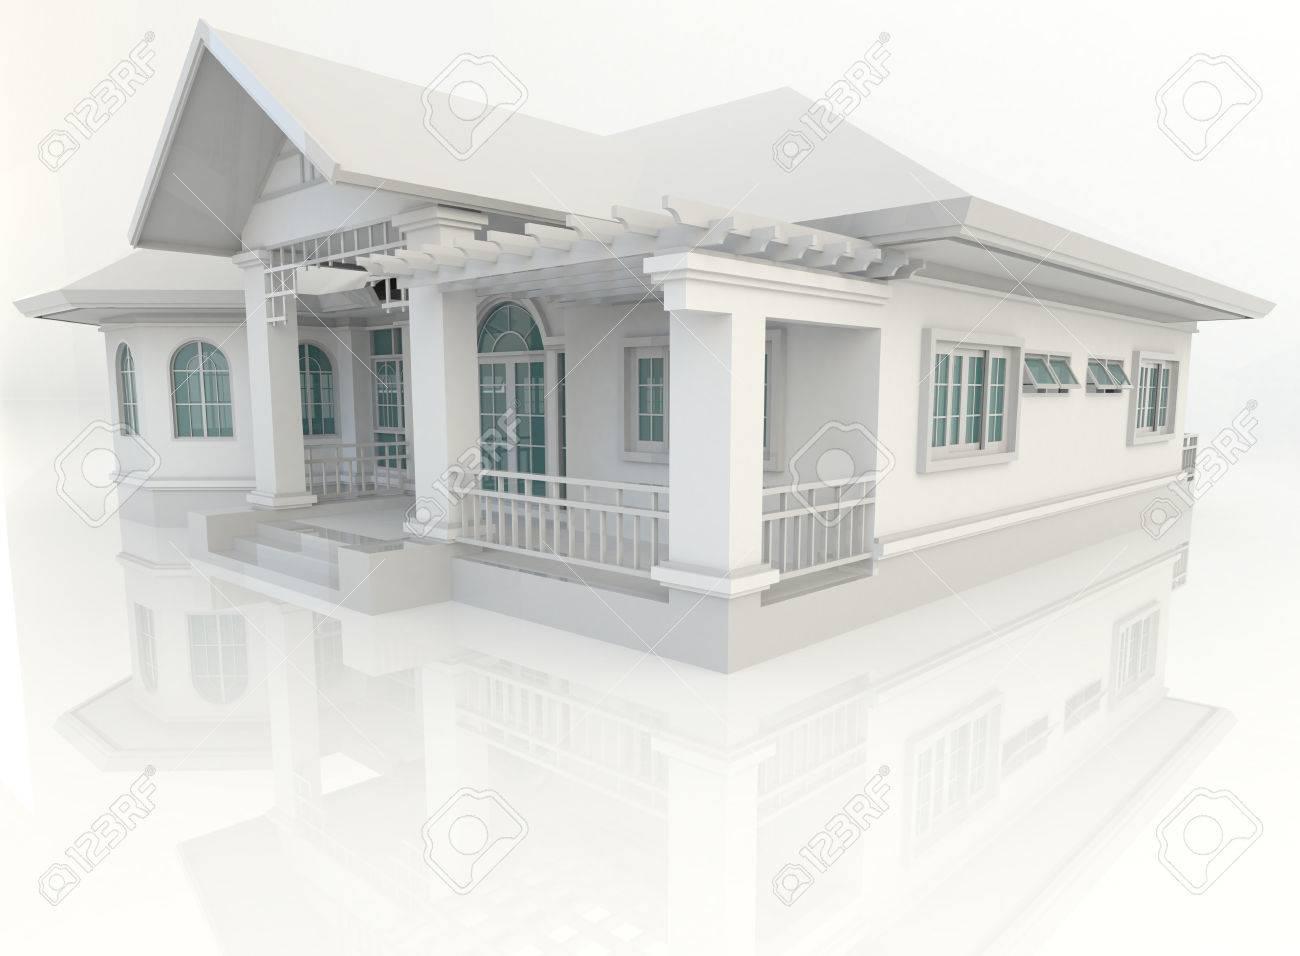 D vintage huis exterieur ontwerp met reflectie in wit creëren